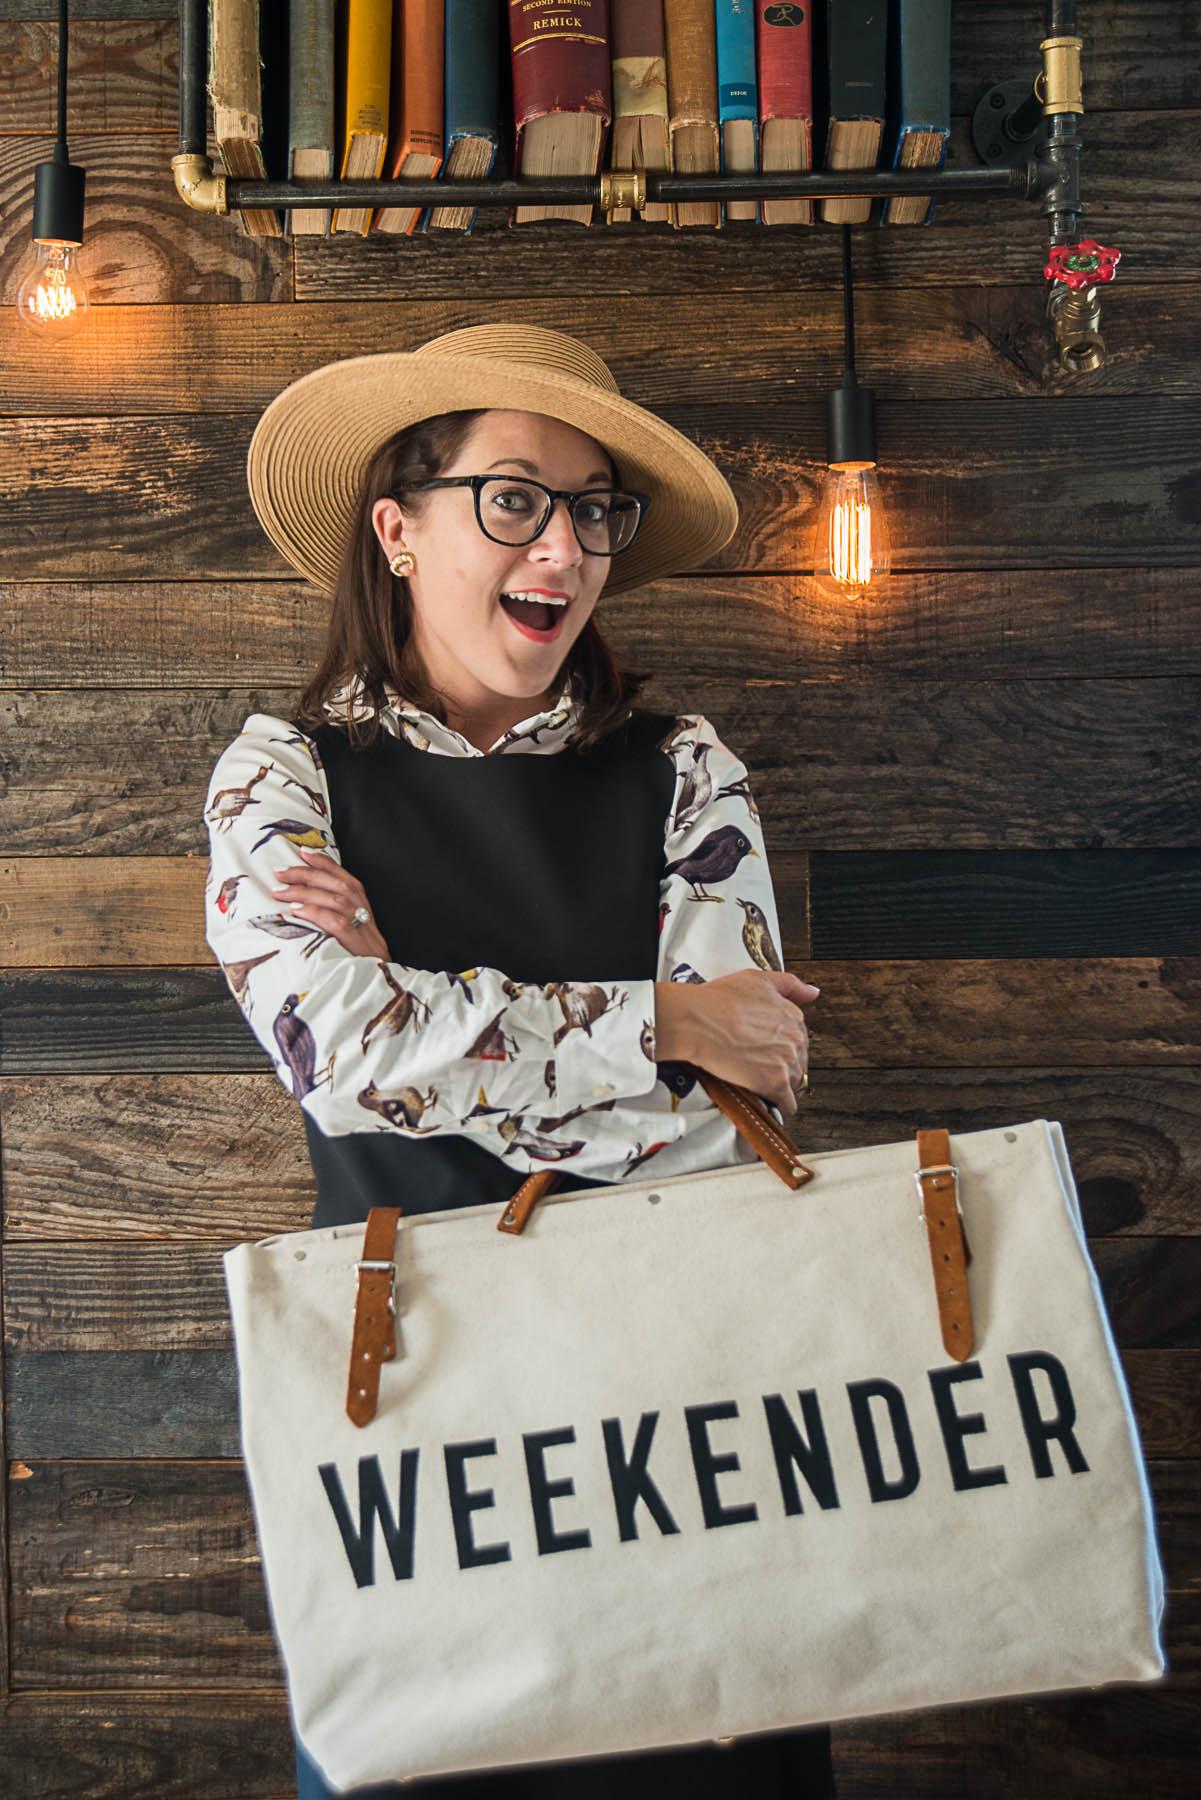 Weekender - outfit-103.jpg